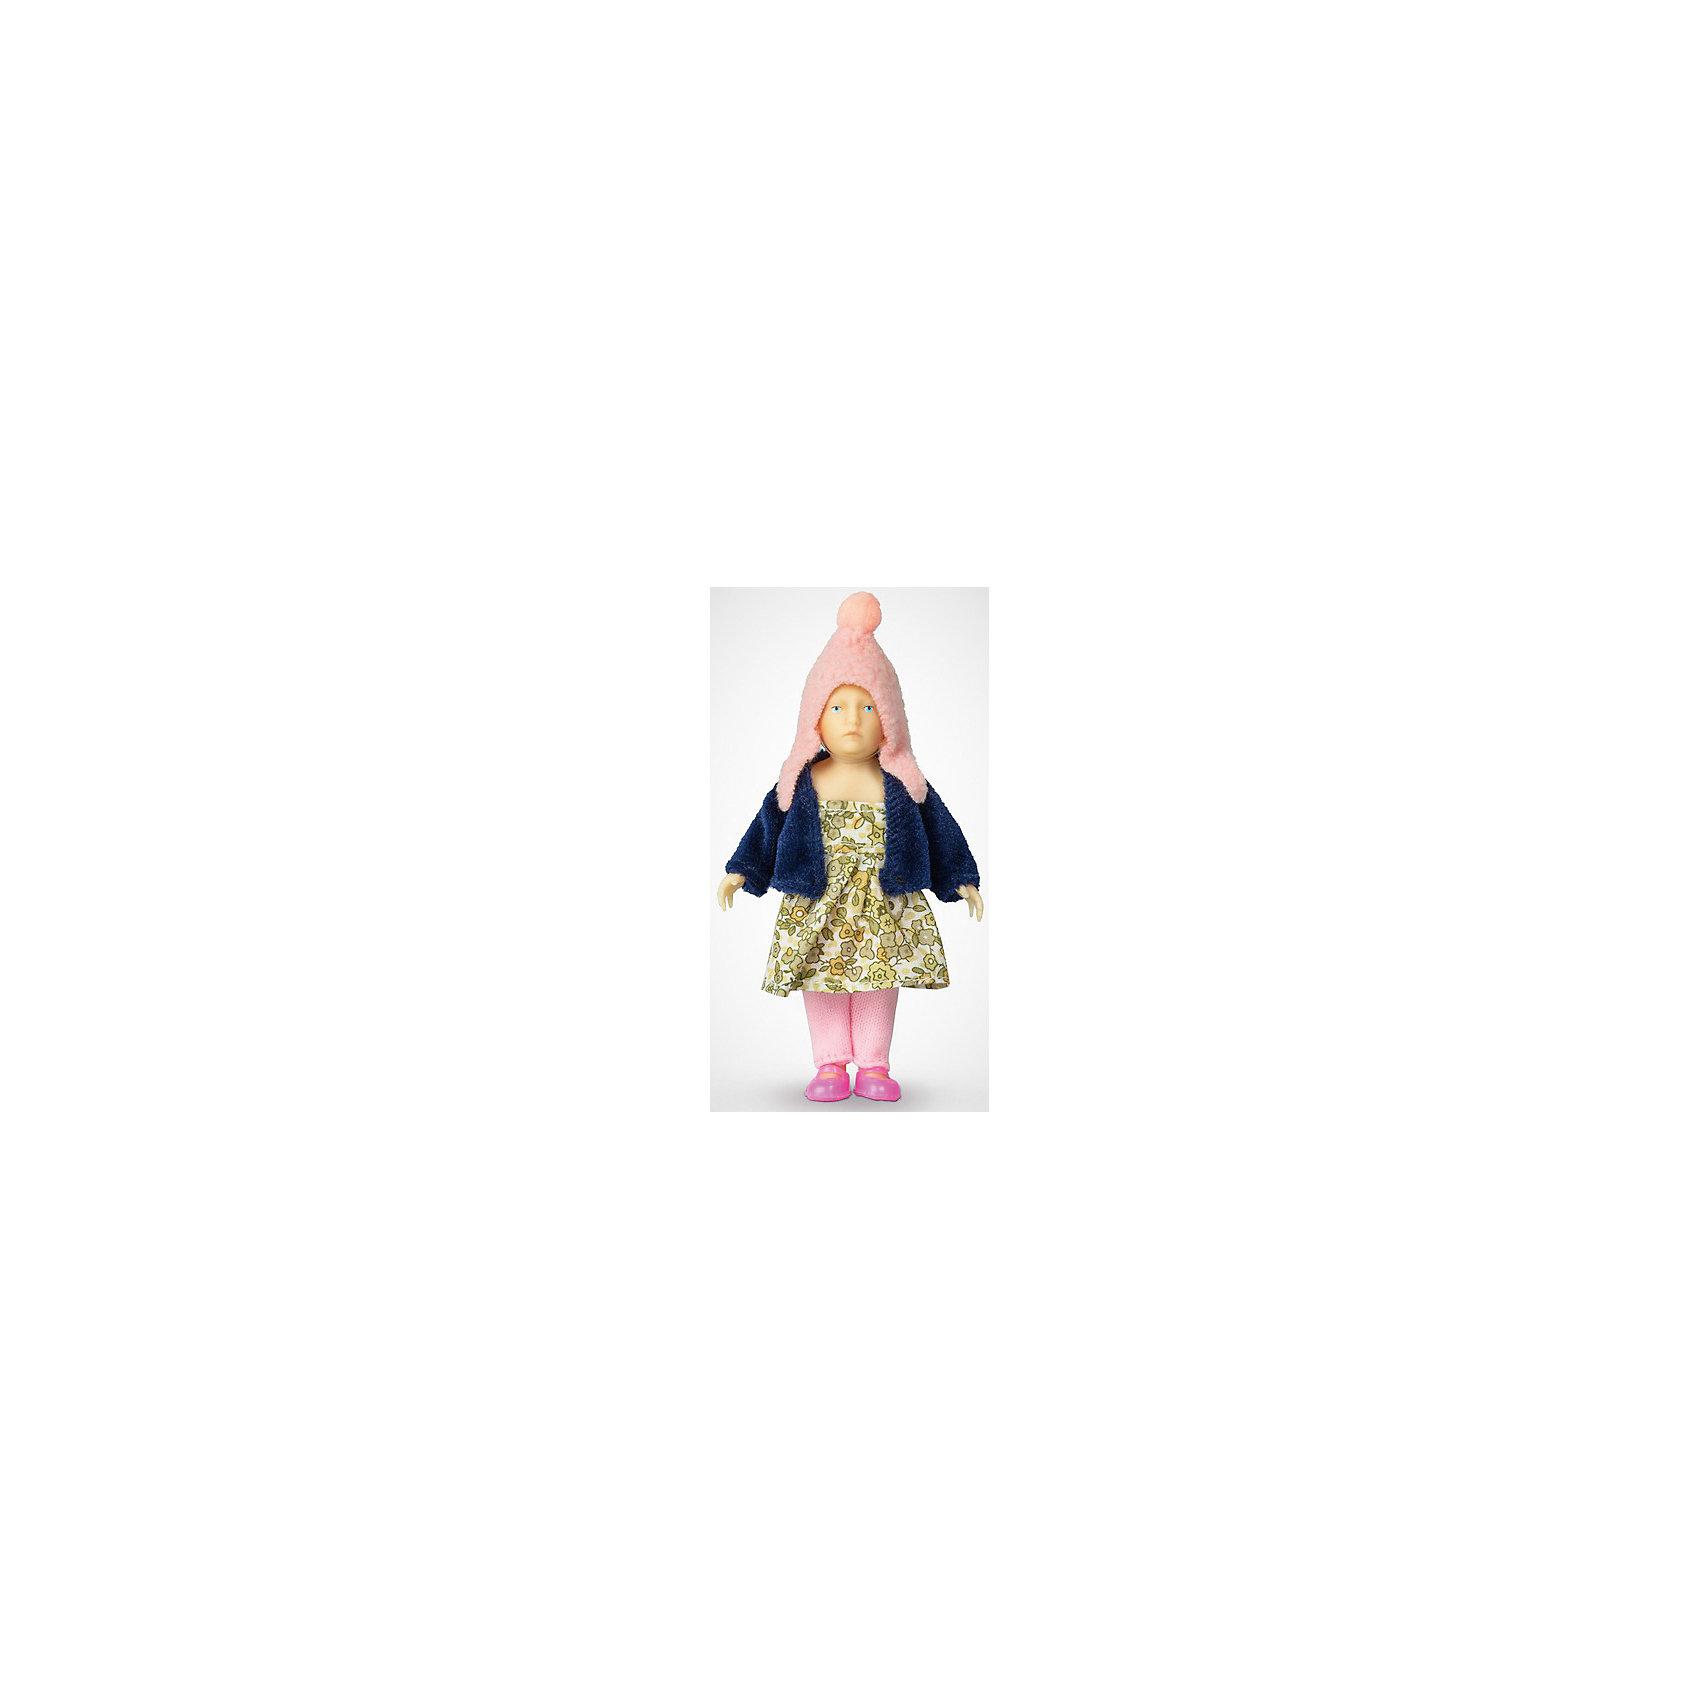 Мини-кукла Девочка в пестром платье, PUPSIQUEМини-кукла Девочка в пестром платье, PUPSIQUE – эта кукла-пупс специально создана для увлекательных игр и коллекционирования.<br>Миниатюрная кукла Девочка в пестром платье - это авторское произведение, где детально соблюдены пропорции и особенности человеческого тела. Игрушка не имеет аналогов в мире - лицо расписано вручную, а одета кукла в оригинальную дизайнерскую одежду: пестрое платье, темно-синий жакет, розовые шапочку и штанишки. Главное, что отличает куклу-пупса - это идеальное сходство с человеком. Малышка словно живая. Кукла имеет 5 точек артикуляции: подвижные голова, руки и ноги. Игрушка изготовлена из высококачественного гипоаллергенного материала. Маленький размер куклы позволяет играть в абсолютно любом месте, ее удобно брать с собой на занятия или весело проводить время в дороге во время путешествий. Для создания увлекательных игровых сцен с миниатюрной куклой можно дополнять игру различными аксессуарами и новой одеждой.<br><br>Дополнительная информация:<br><br>- Высота куклы: 11 см.<br>- Материал: винил, текстиль<br>- Размер упаковки: 15 х 2,6 х 26 см.<br>- Вес: 670 гр.<br><br>Мини-куклу Девочка в пестром платье, PUPSIQUE можно купить в нашем интернет-магазине.<br><br>Ширина мм: 150<br>Глубина мм: 26<br>Высота мм: 260<br>Вес г: 670<br>Возраст от месяцев: 36<br>Возраст до месяцев: 192<br>Пол: Женский<br>Возраст: Детский<br>SKU: 4344936